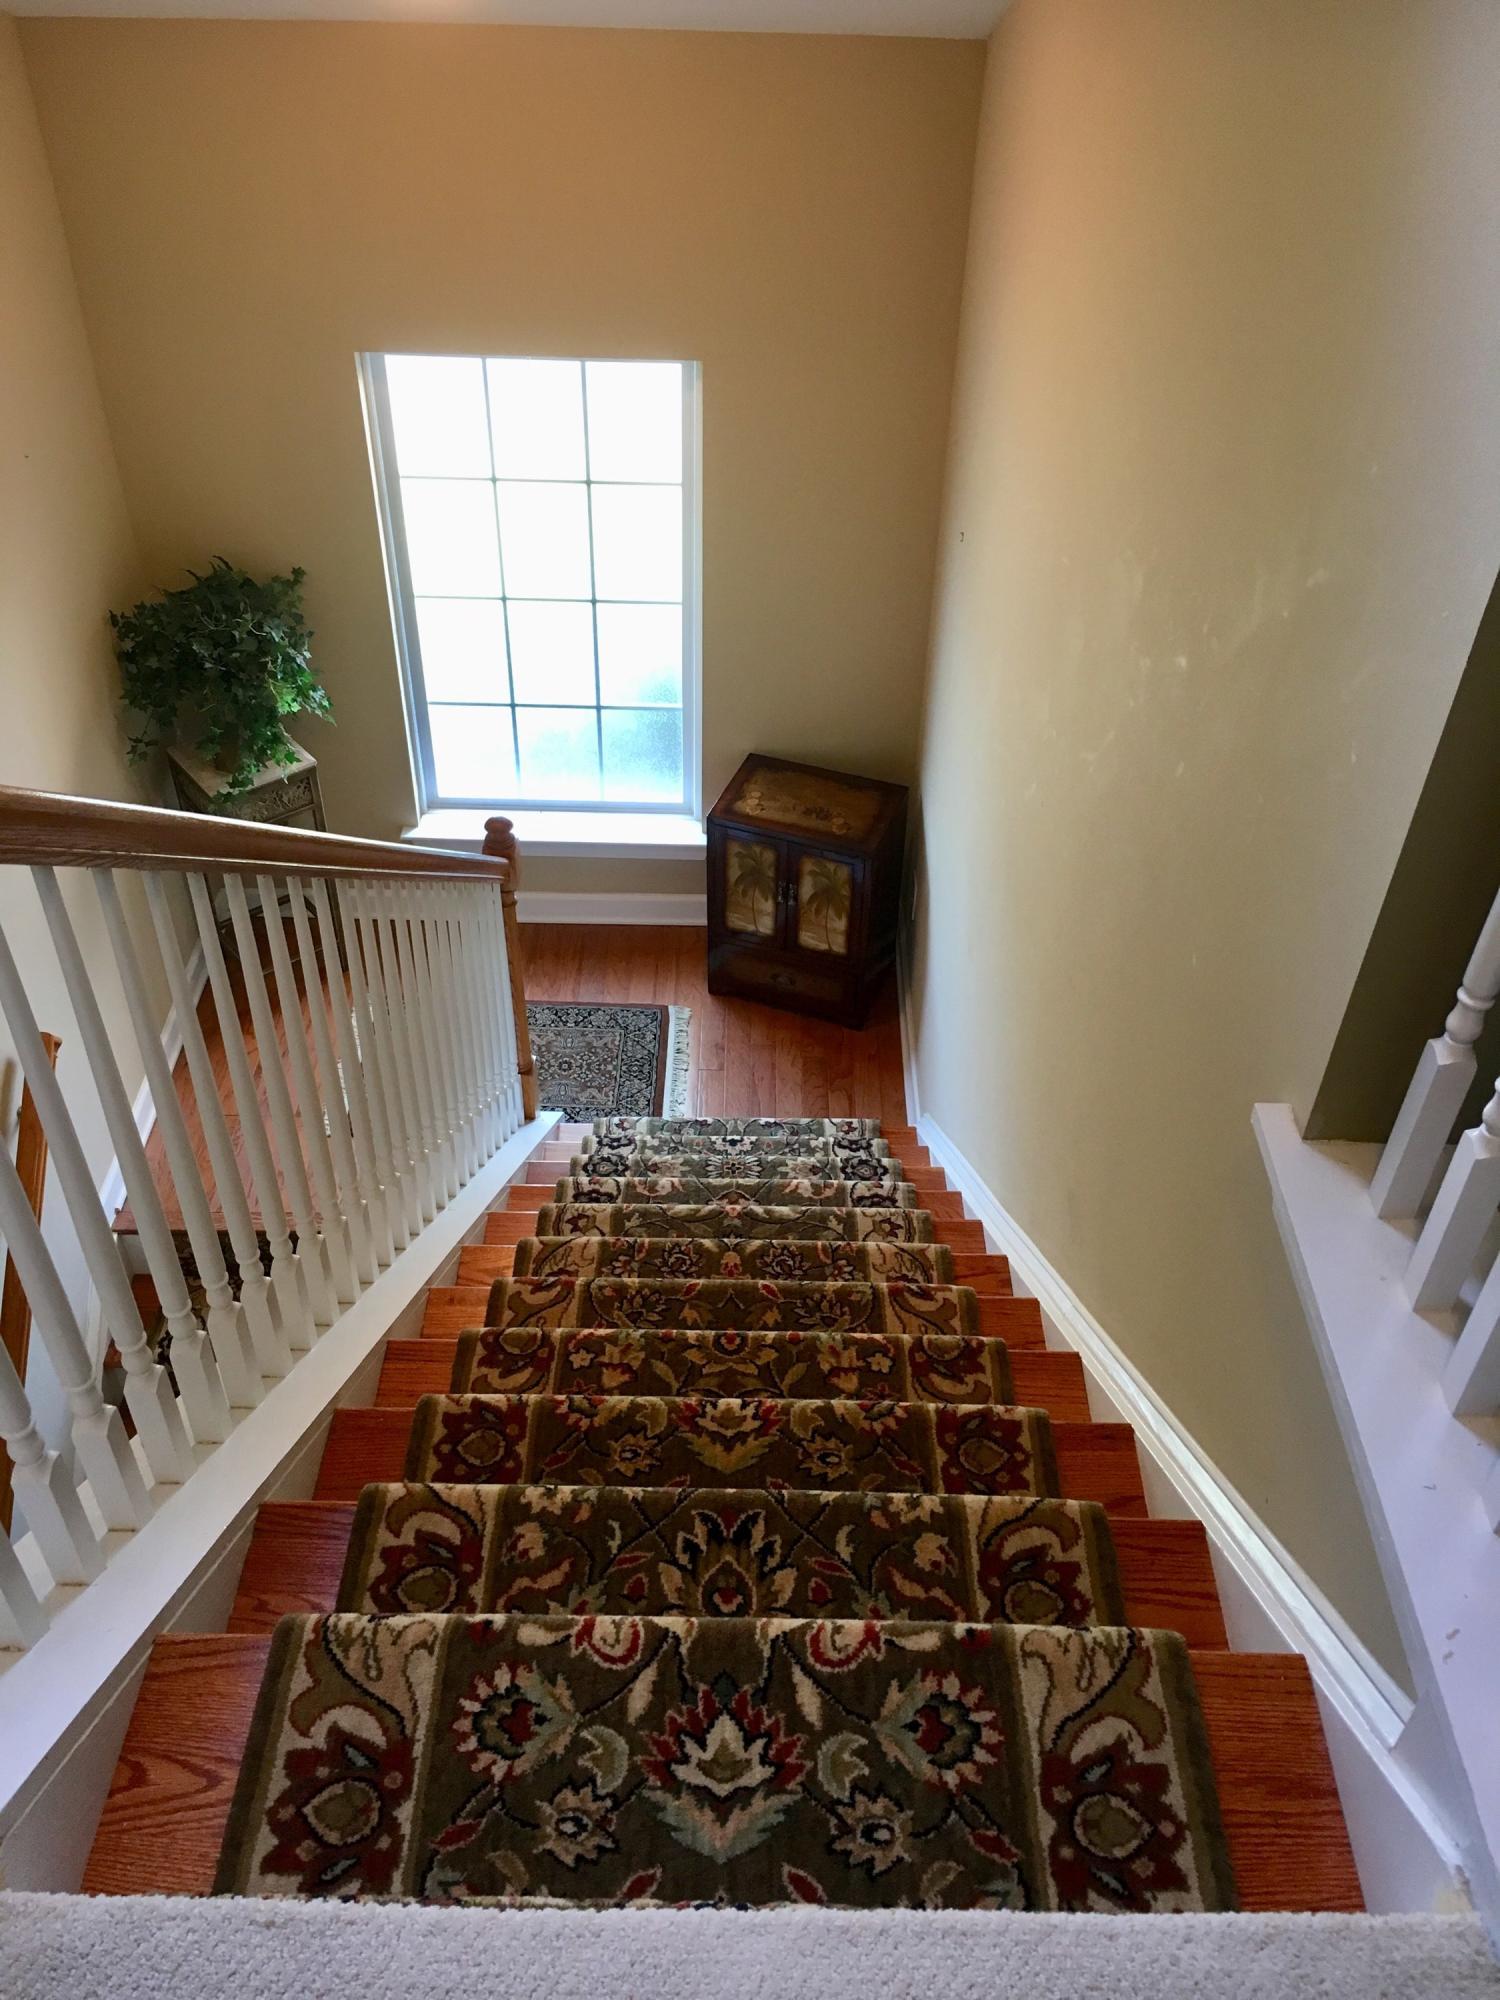 Dunes West Homes For Sale - 1468 Ellington Woods, Mount Pleasant, SC - 8